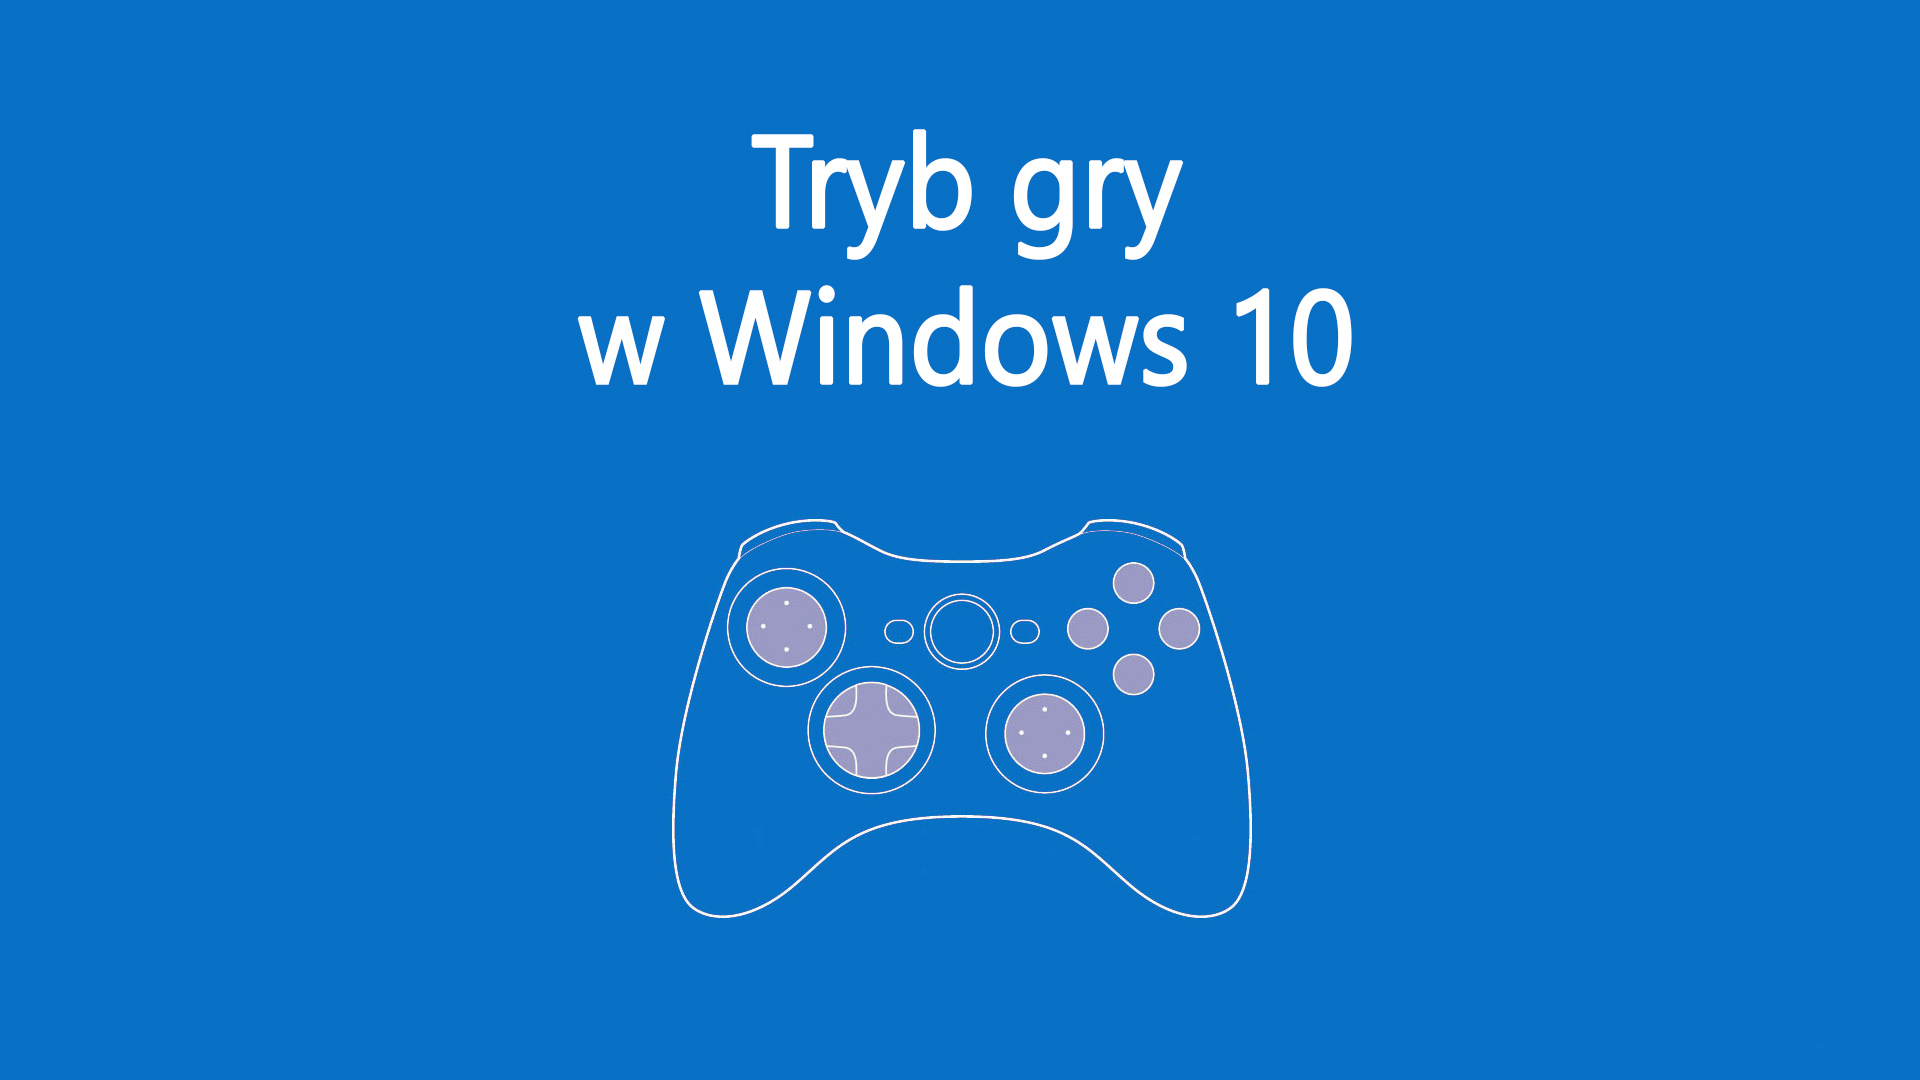 Tryb gry w Windows 10 - jak go włączyć?